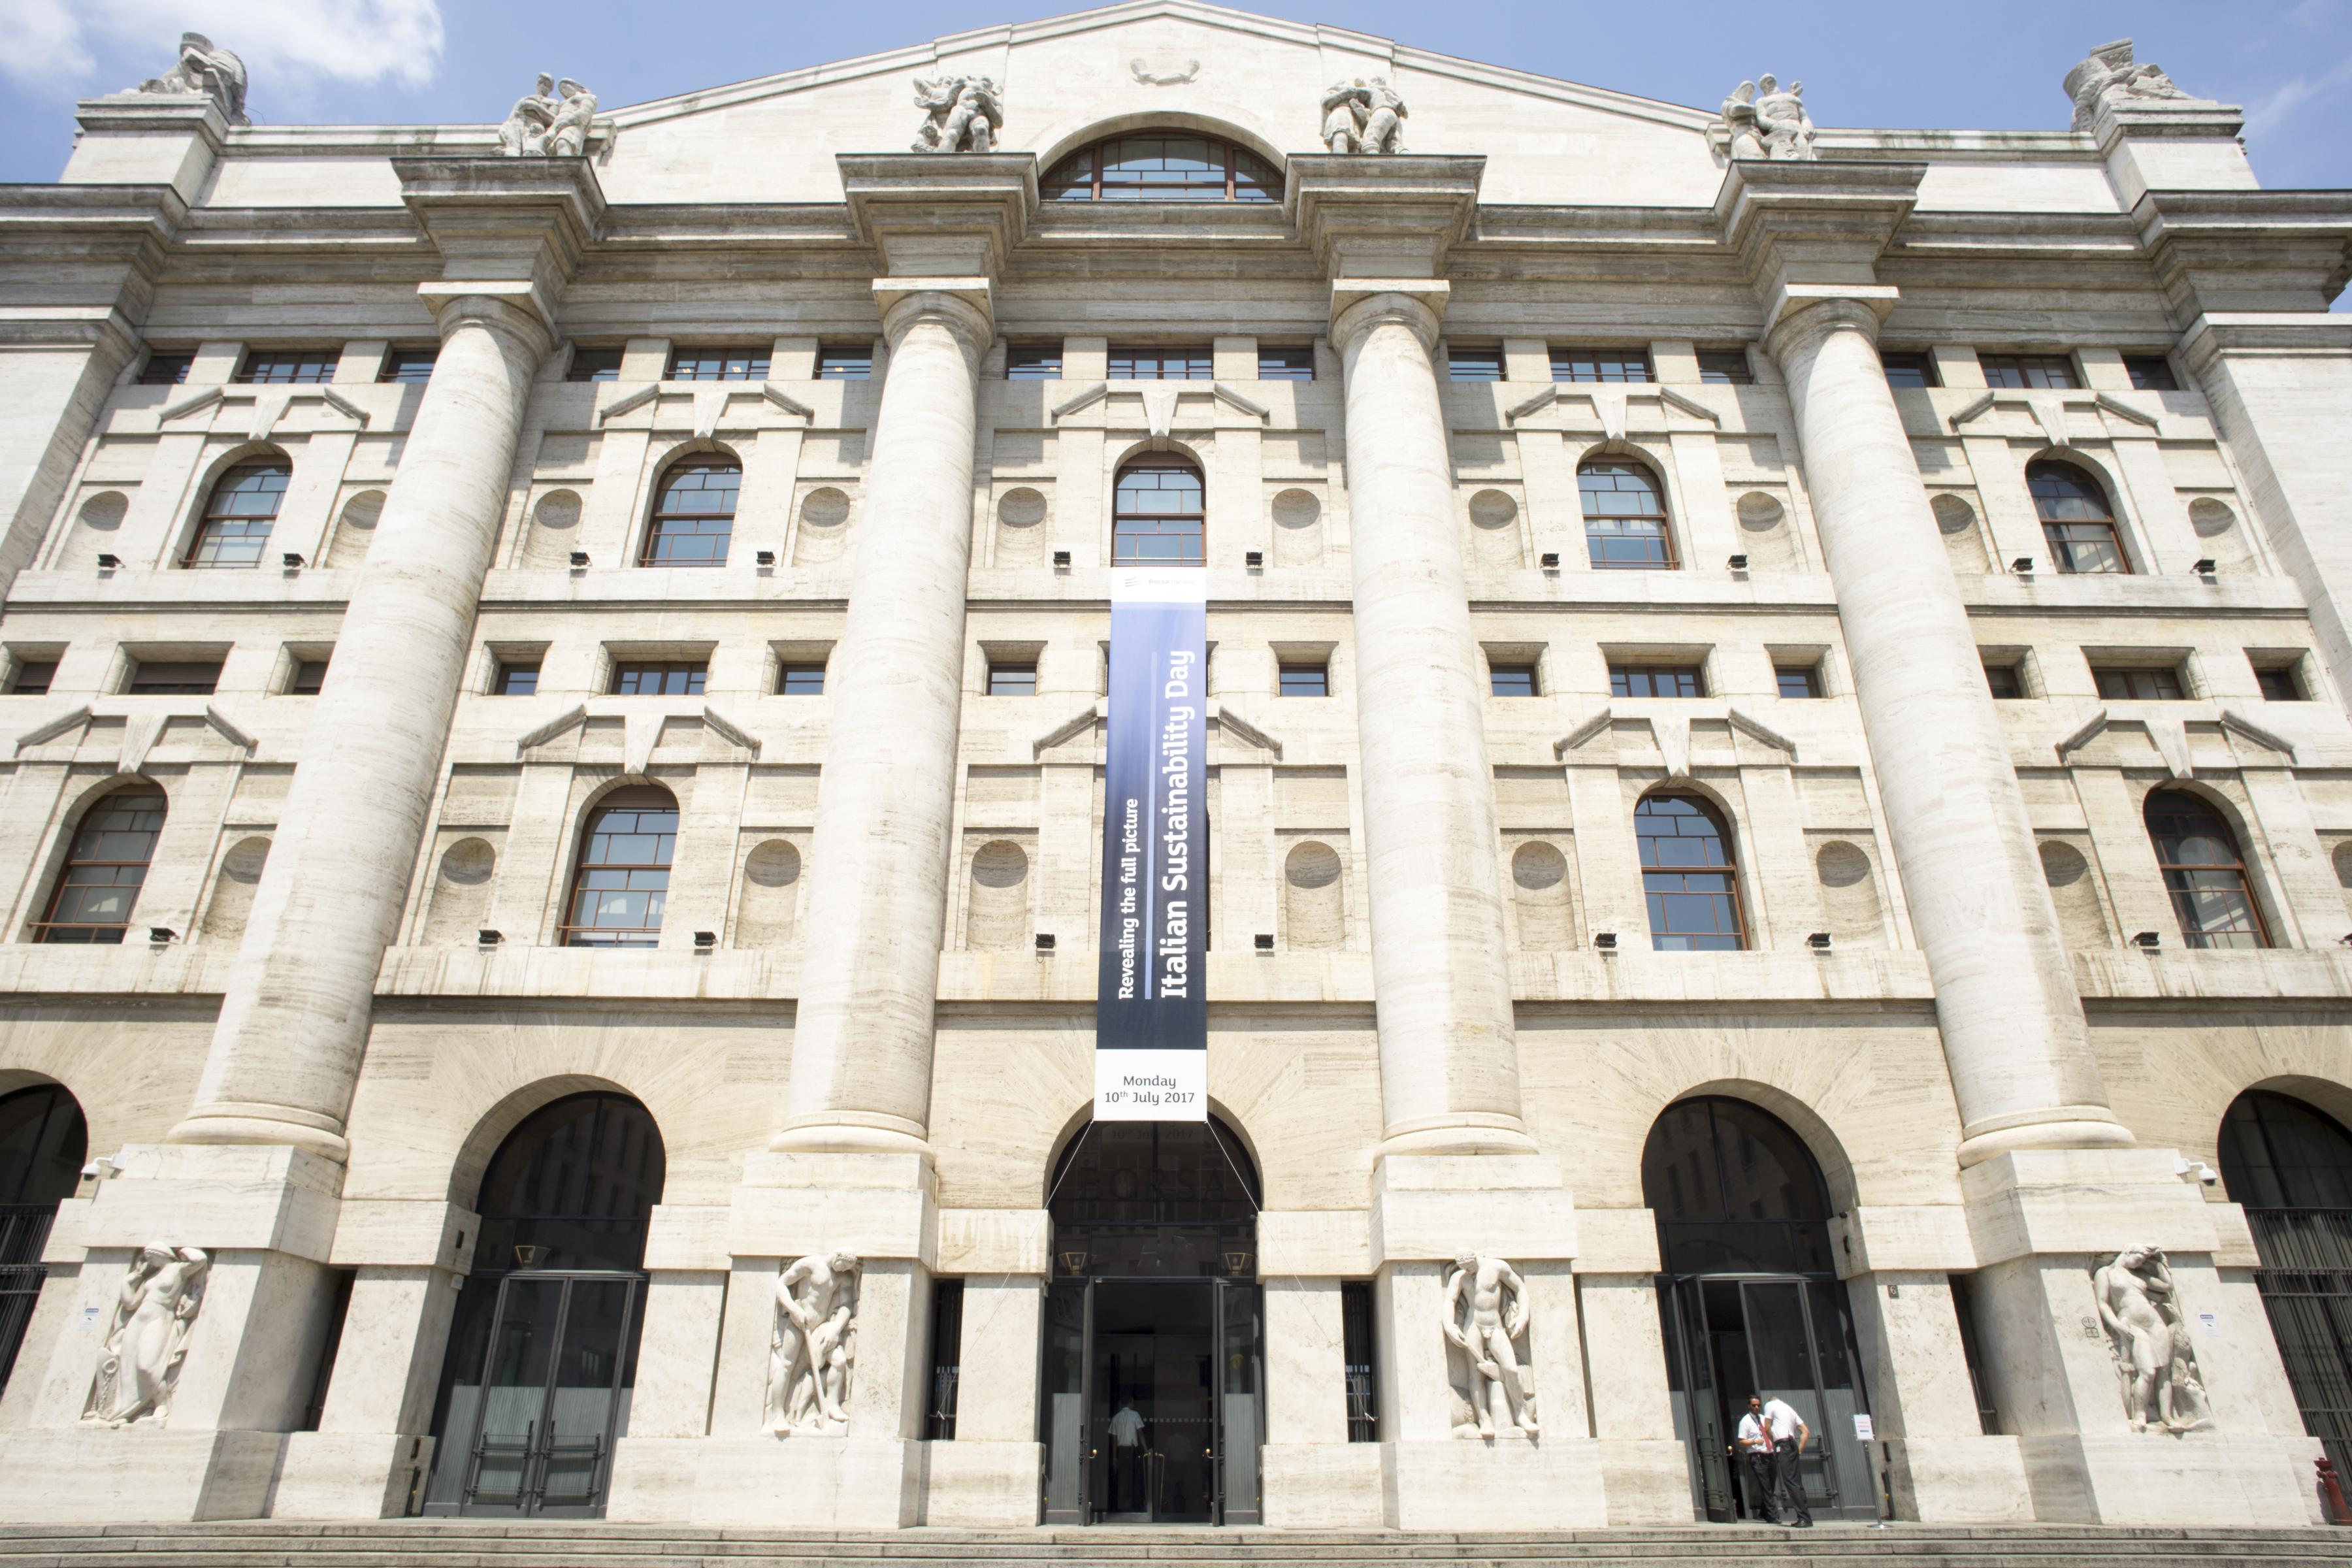 Borsa Italiana hosts inaugural Italian Sustainability Day